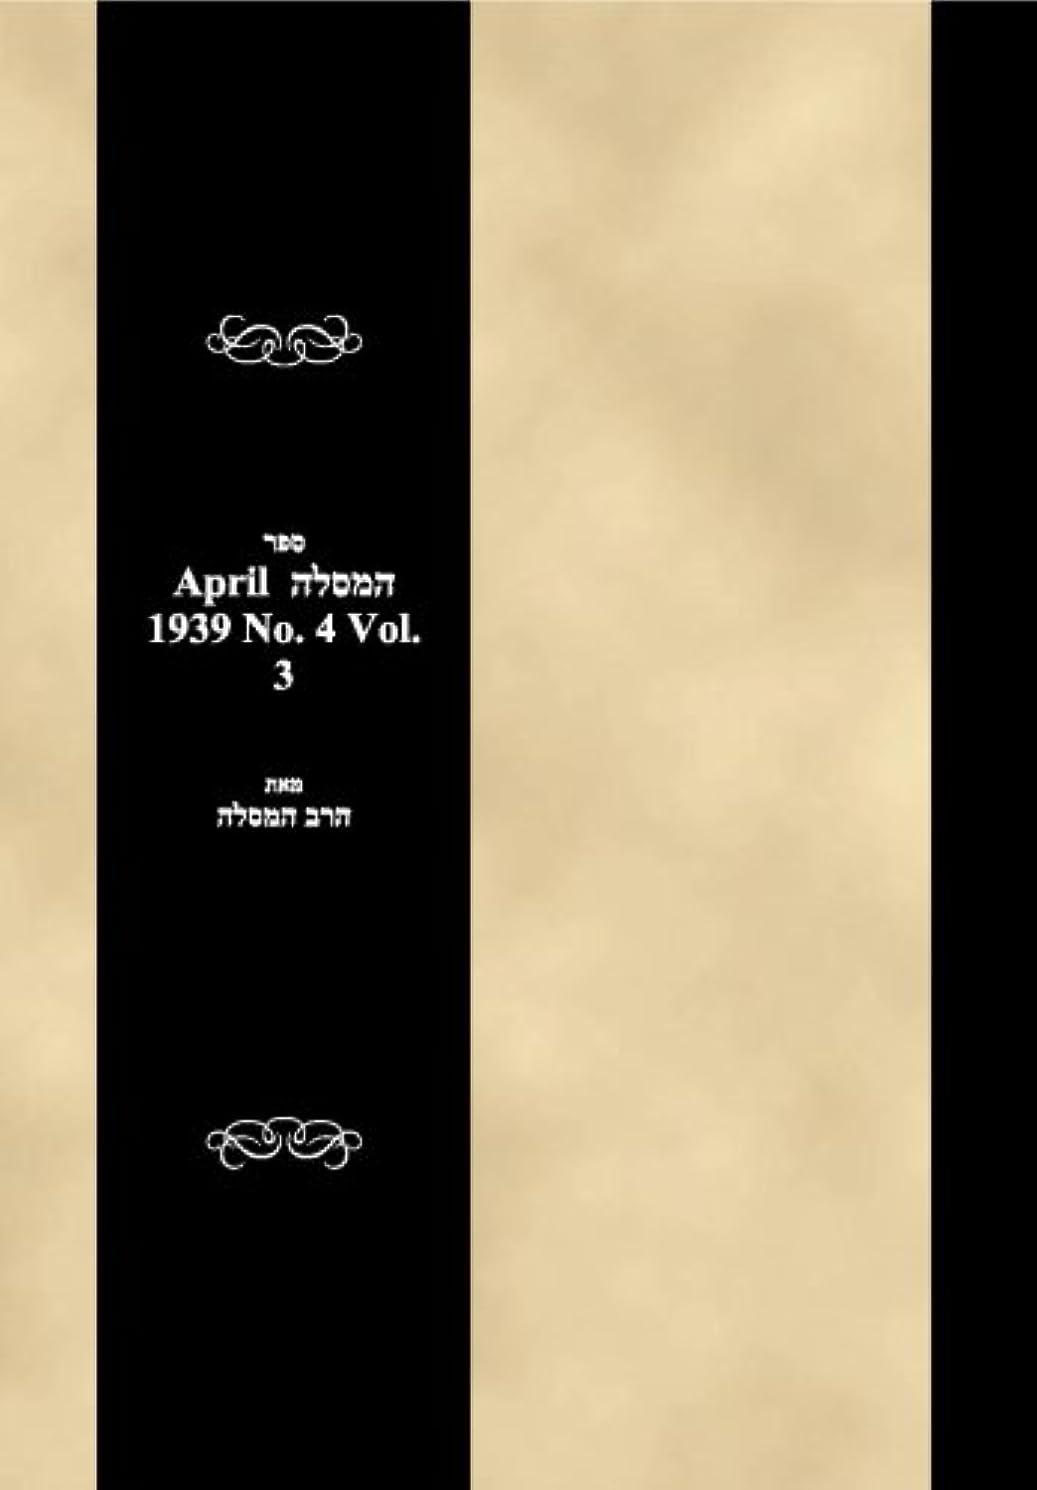 検閲ええどういたしましてSefer haMsiloh April 1939 No. 4 Vol. 3